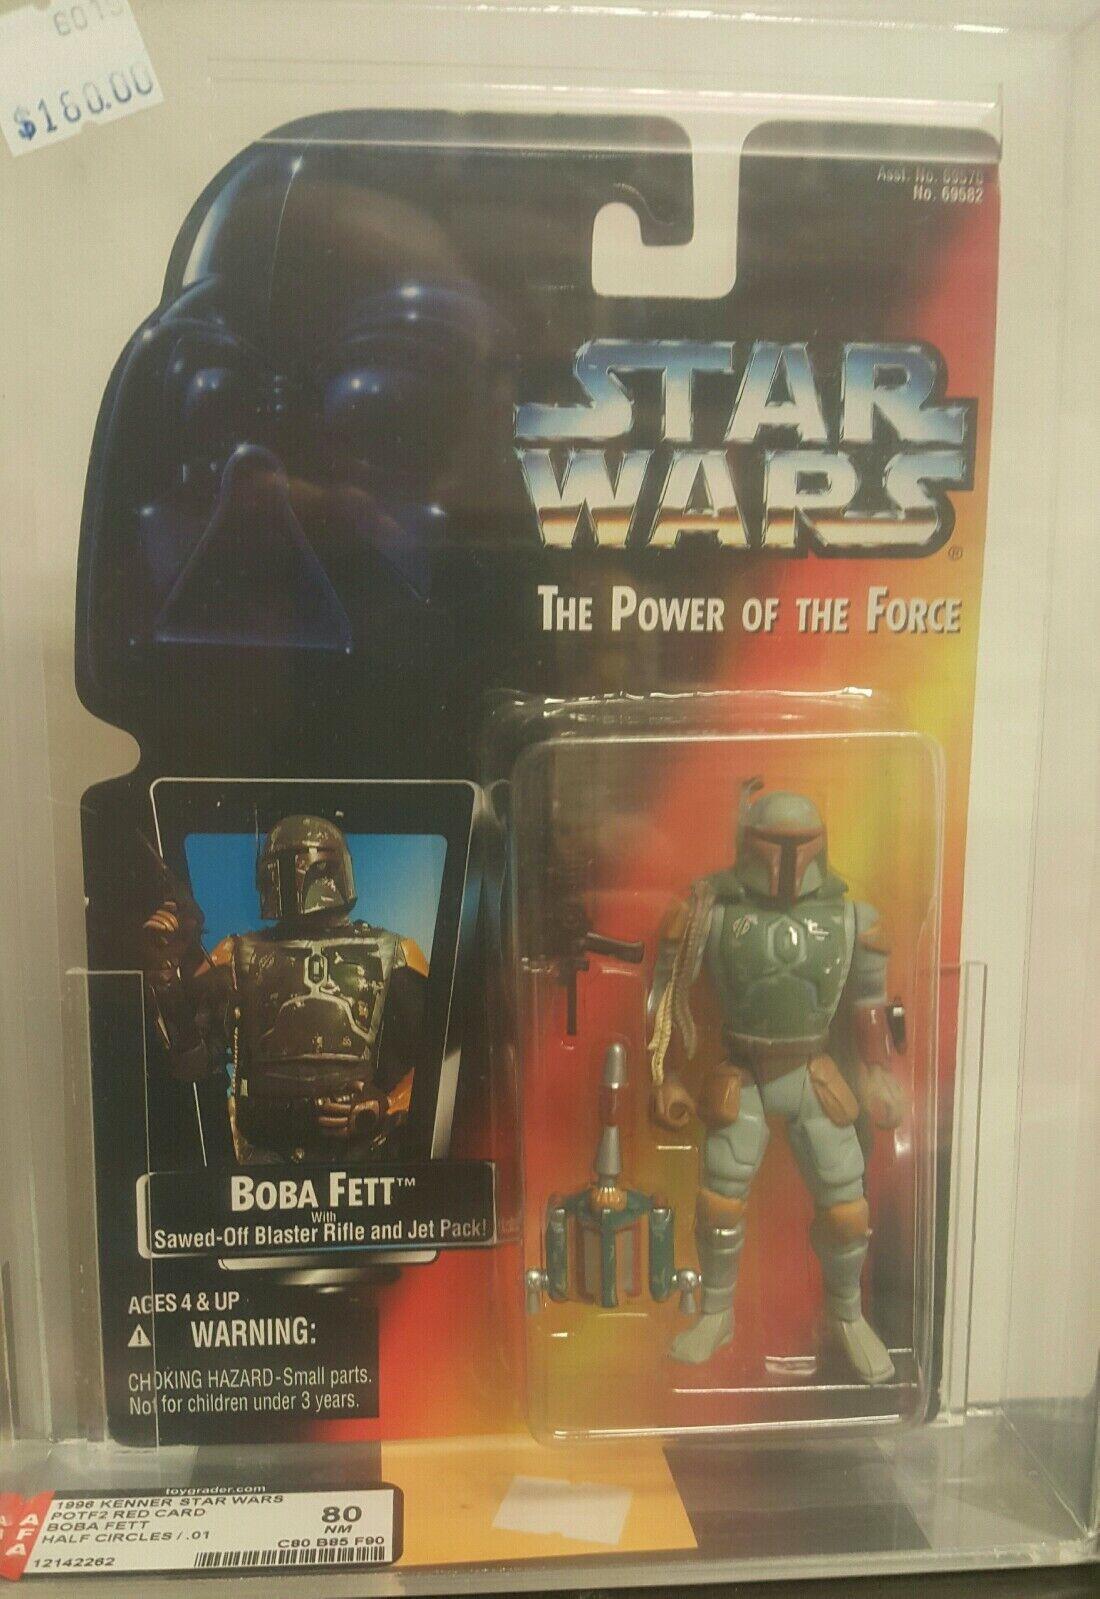 1996 figurine star wars Autorité classé le pouvoir de la Force 2 Bobba Fett demi-cercles .01 variante 80 Presque comme neuf